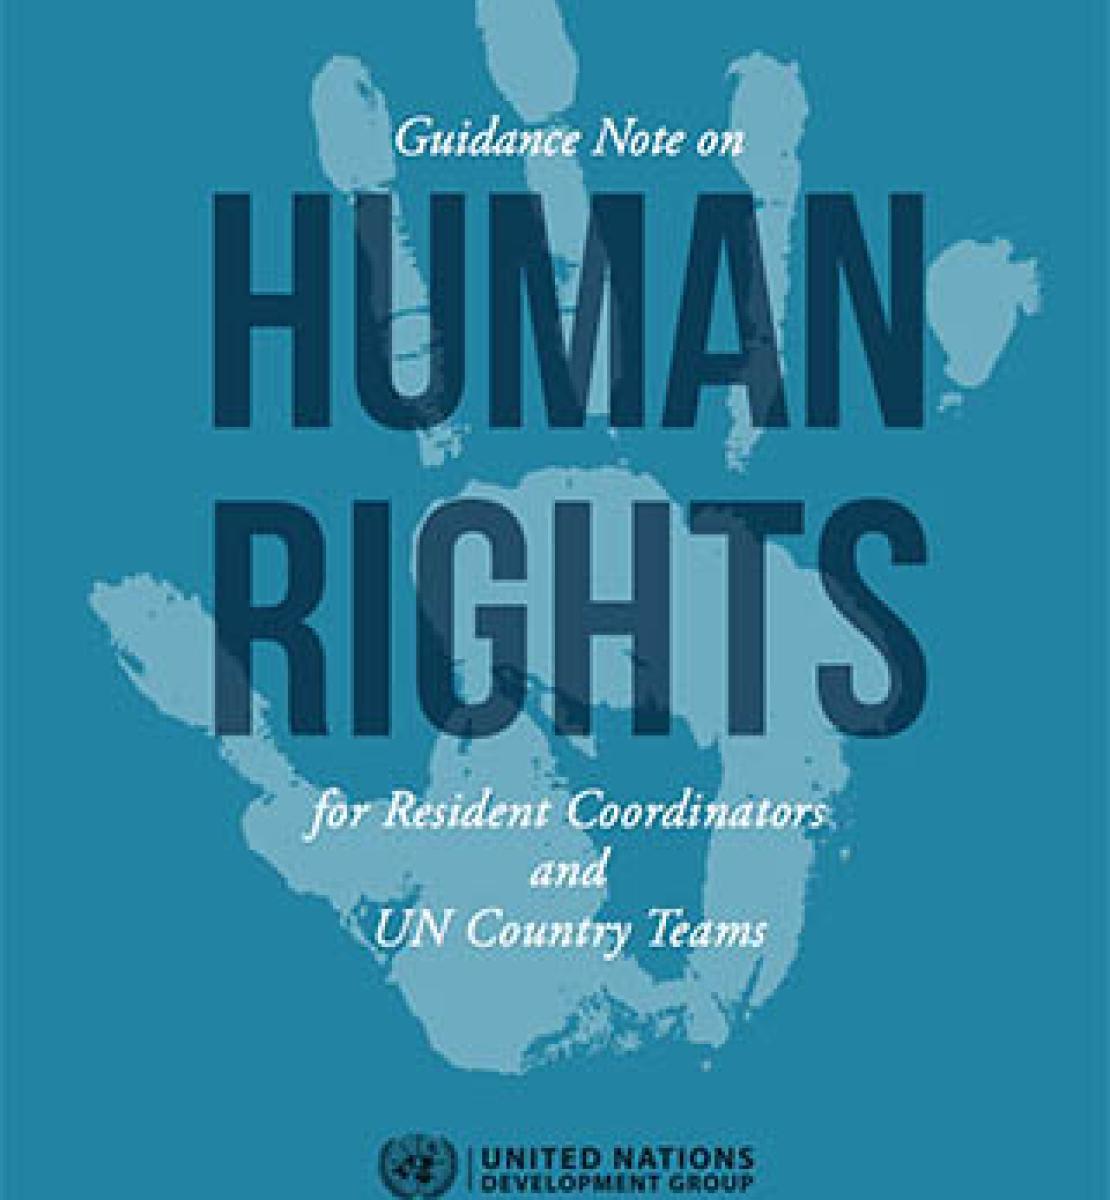 面向联合国可持续发展集团驻地协调员和联合国国家工作队的人权指导说明